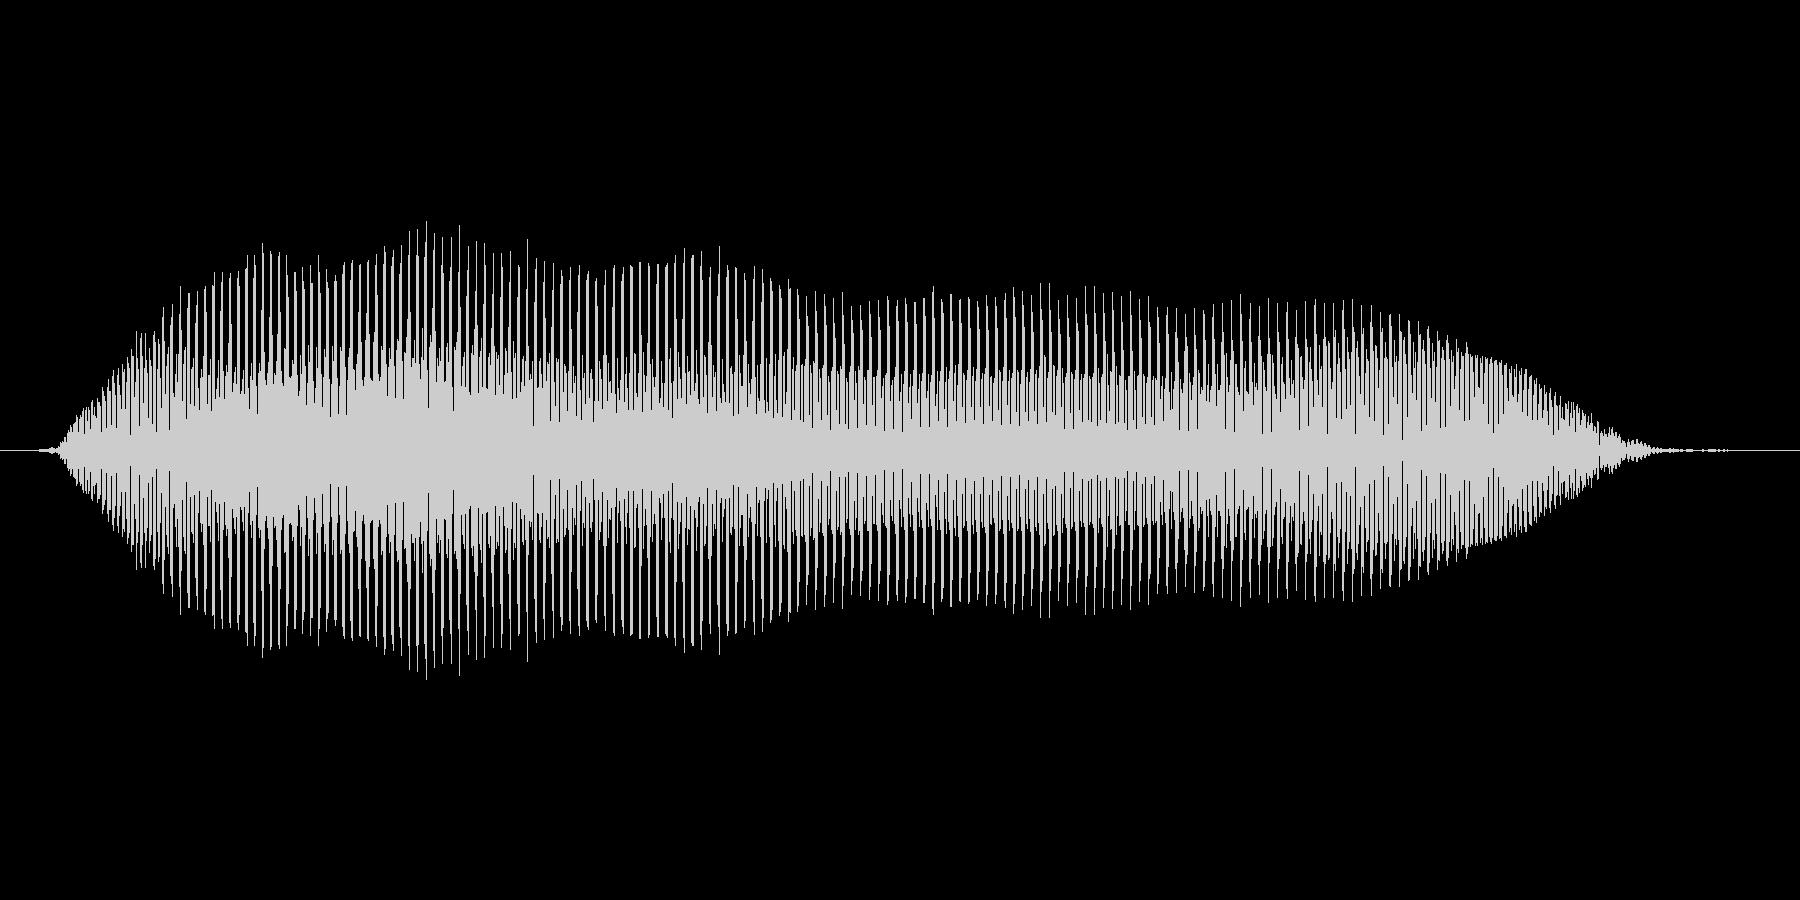 【ゾンビボイス】うなり声4の未再生の波形